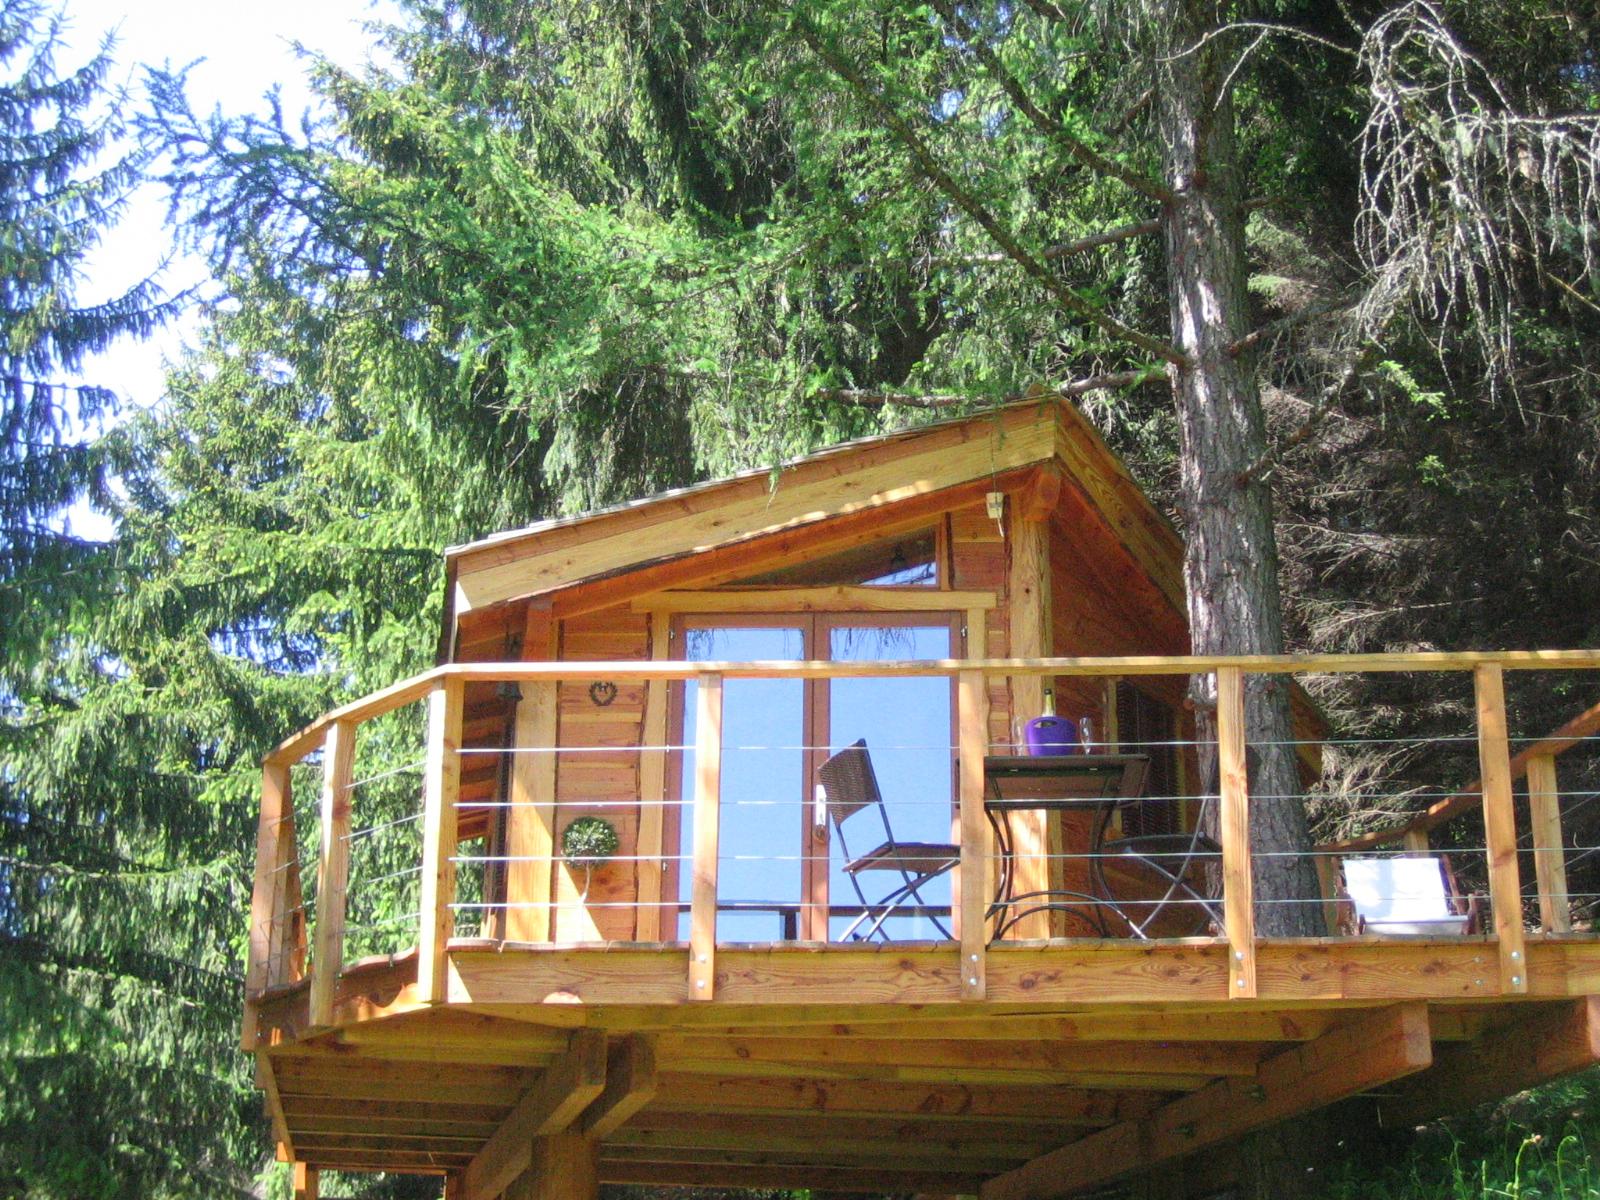 h bergement pour les vacances les cabanes dans les arbres vacances autrement. Black Bedroom Furniture Sets. Home Design Ideas